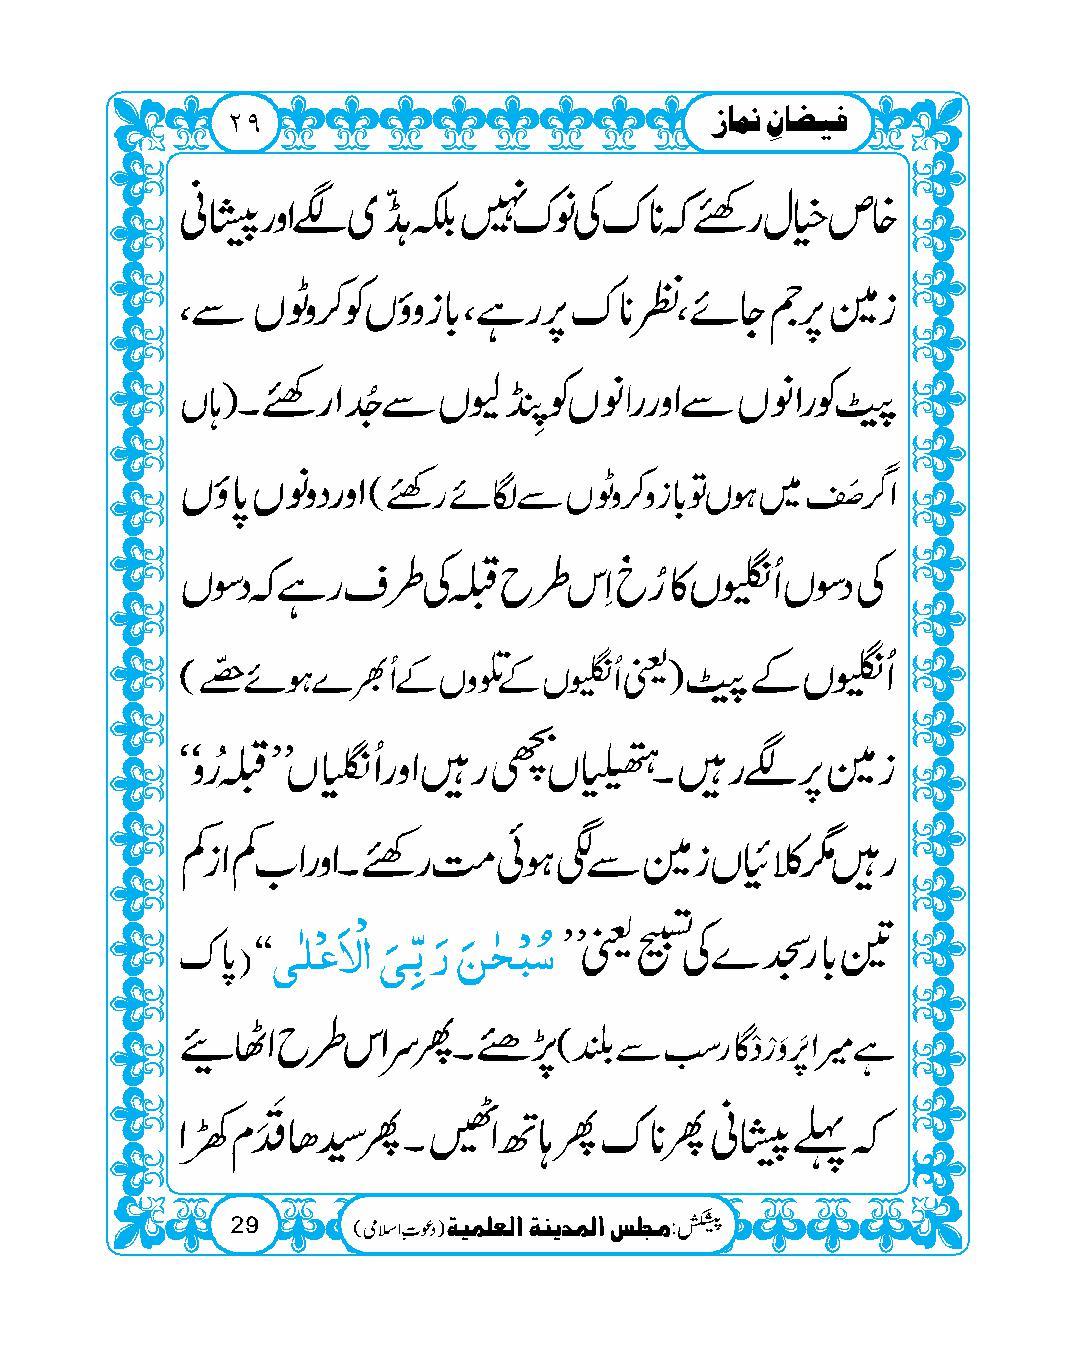 page No 29